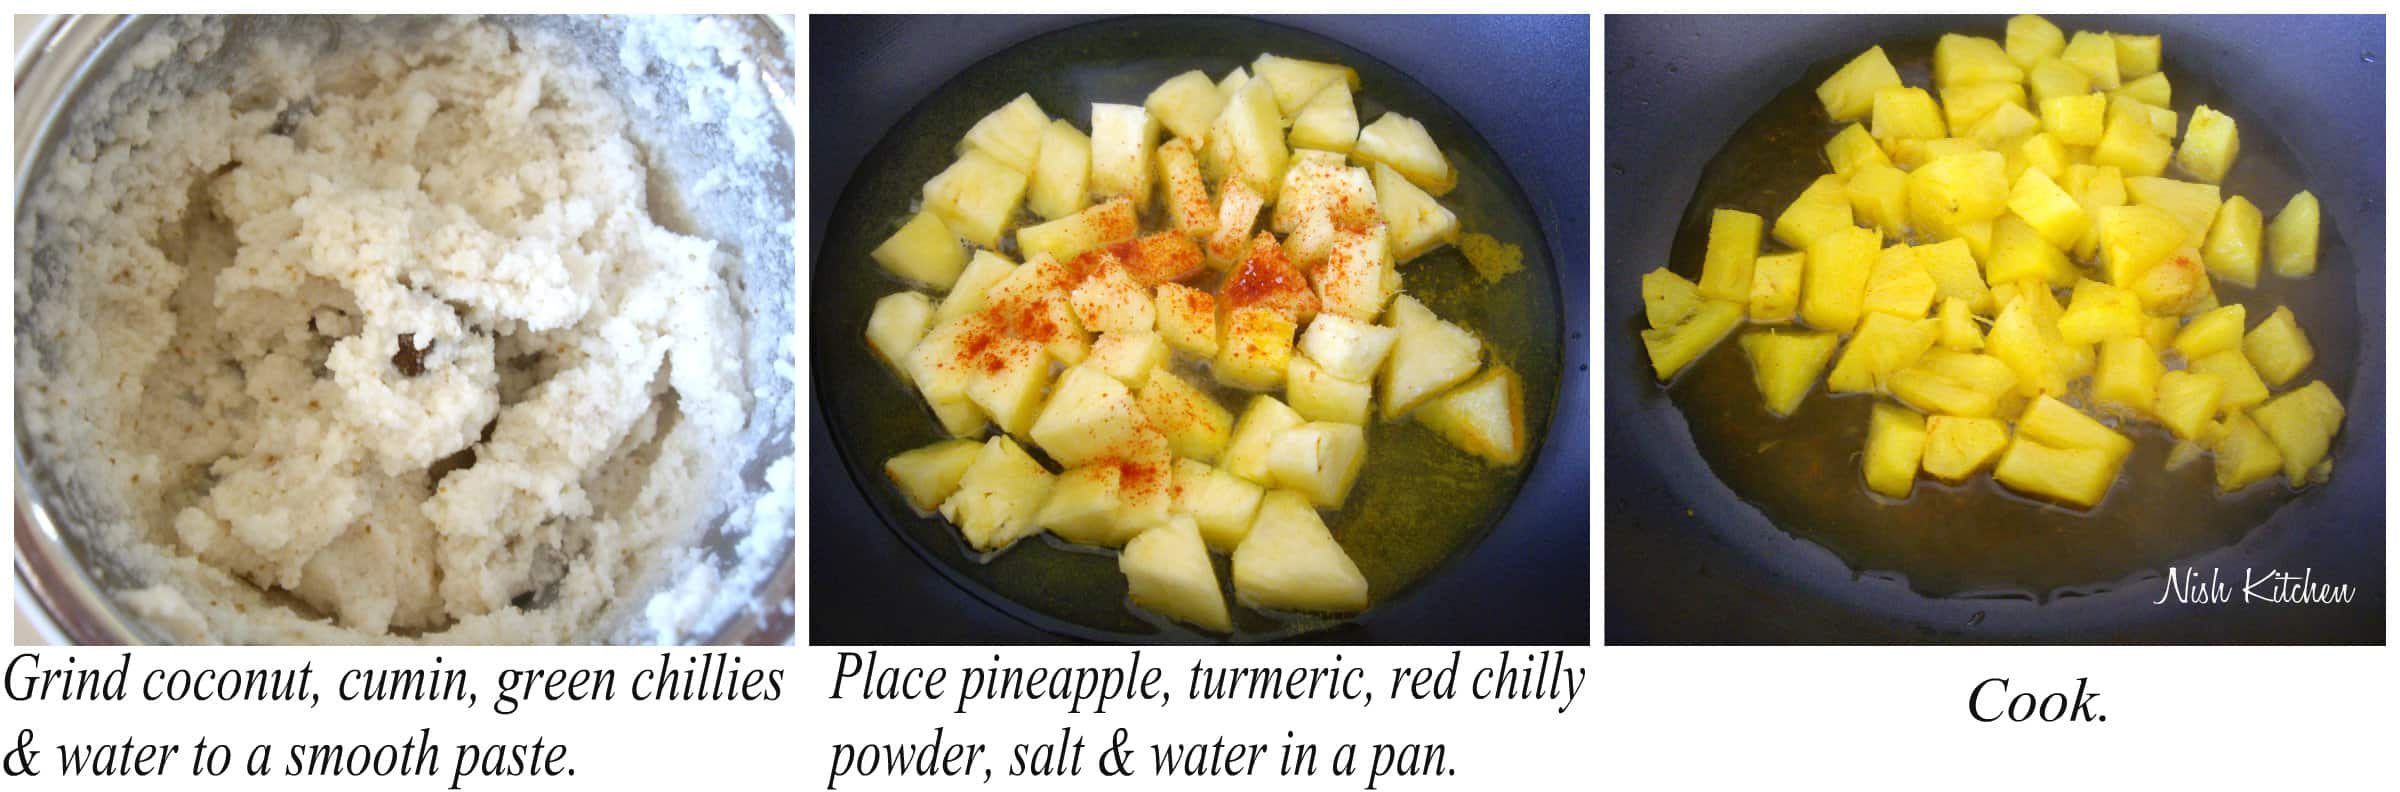 pineapple pachadi recipe 1